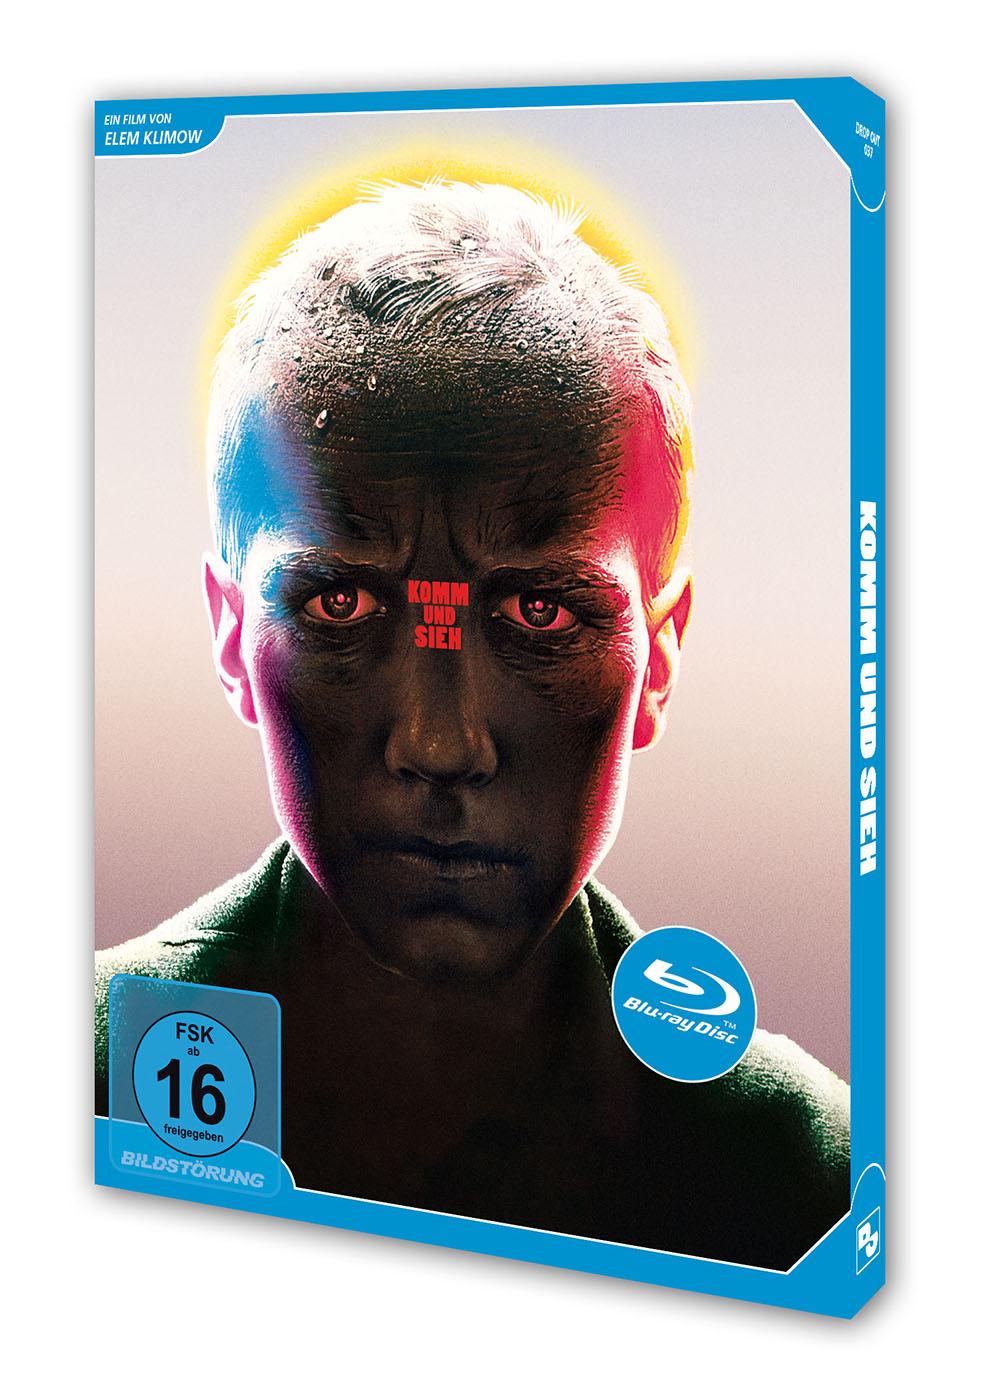 Komm und sieh (Blu-Ray-Disk)